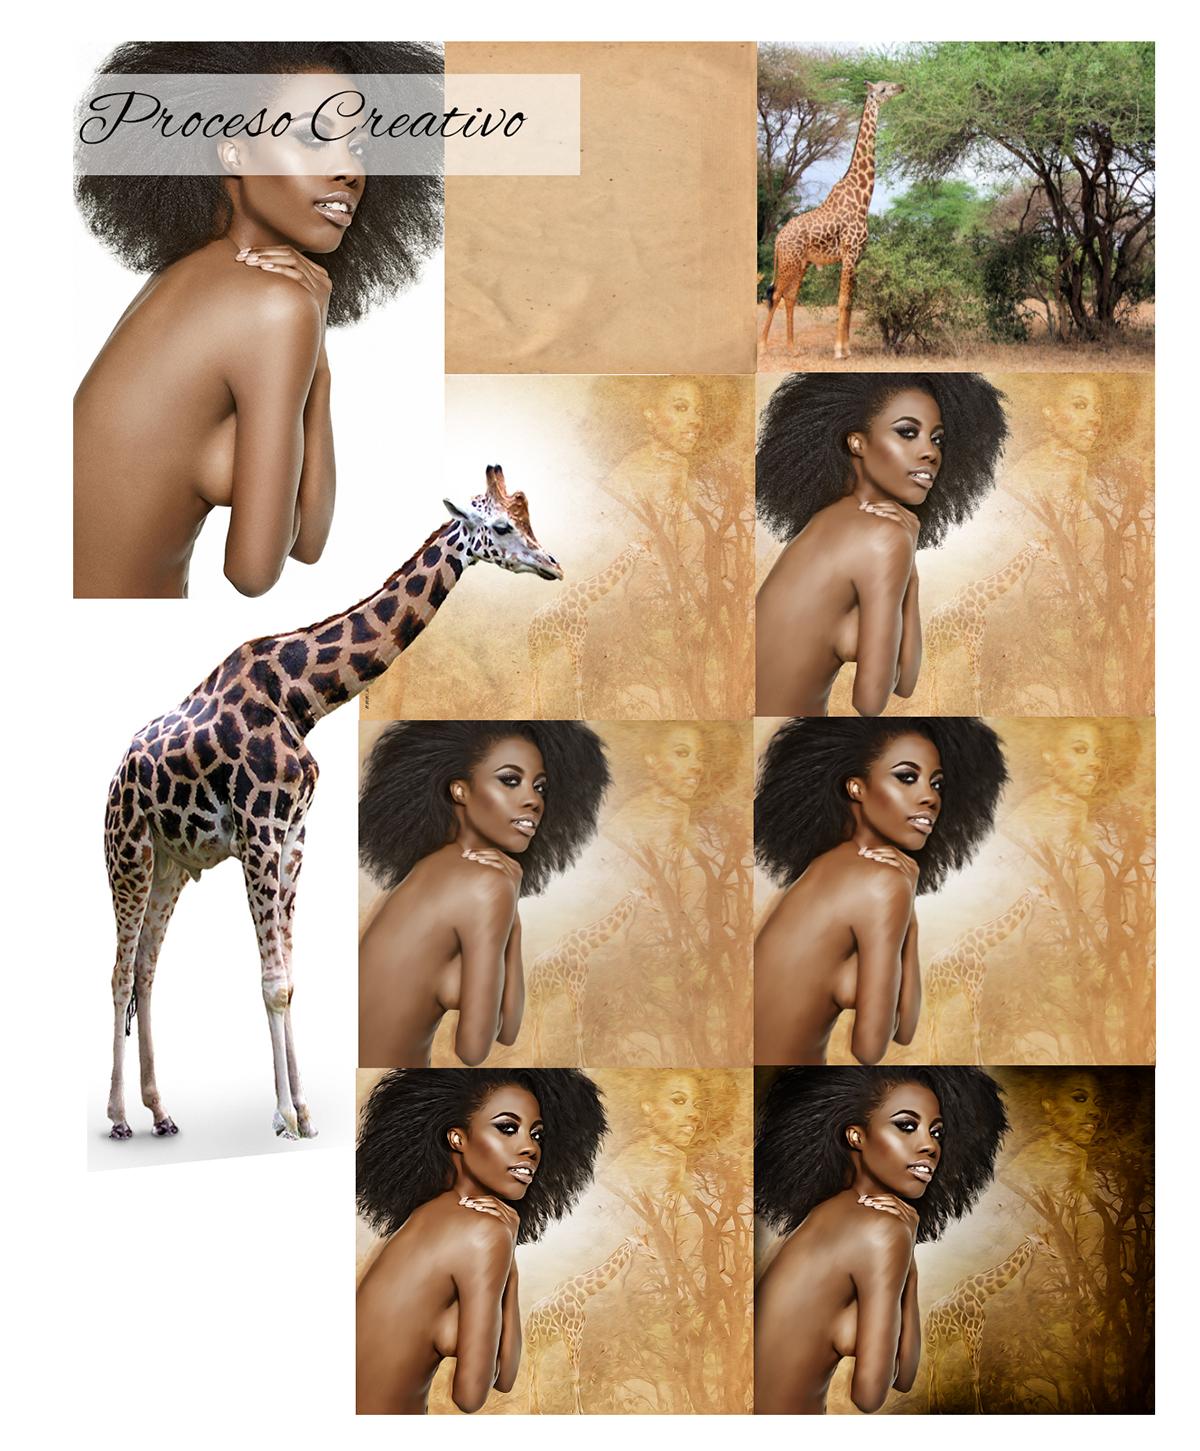 photoshop,africa,Portada Libro,pintura digittal,manipulación y montaje